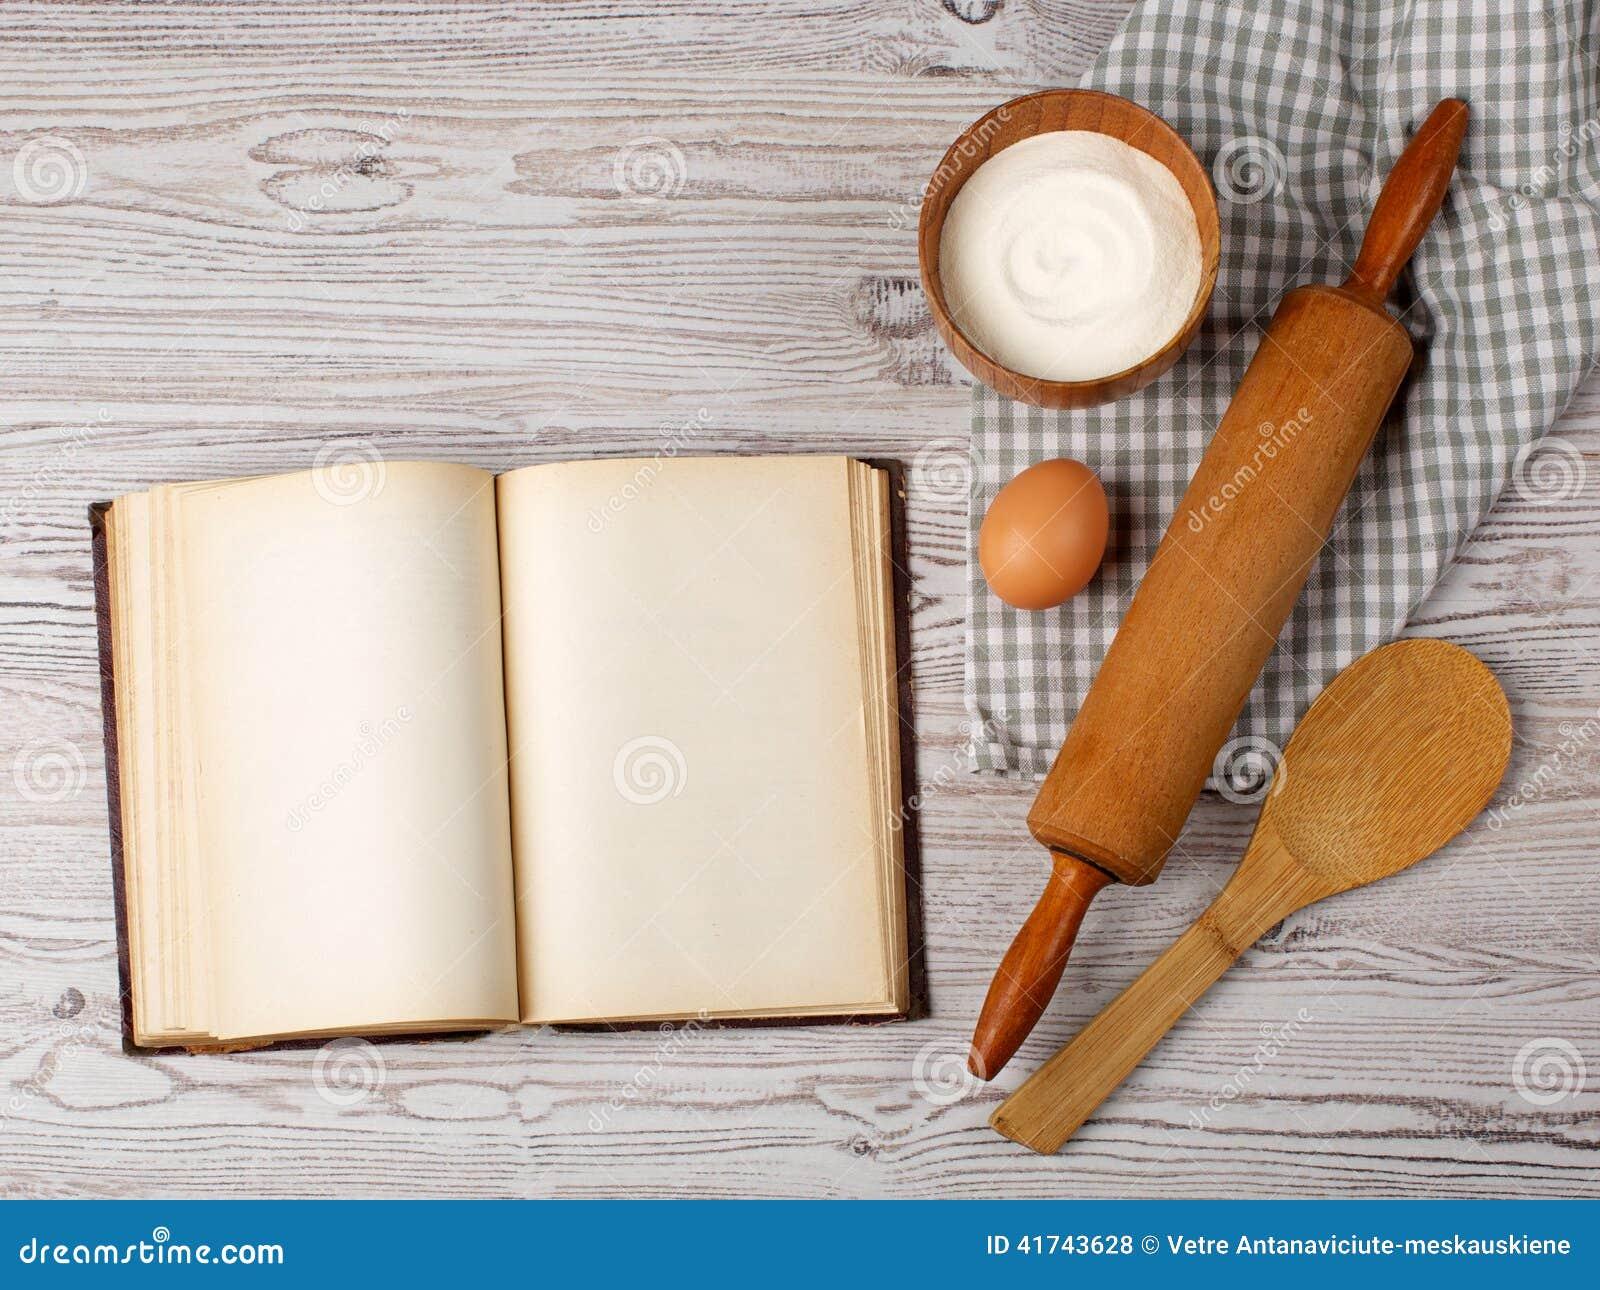 Ingredienti e strumenti della cucina con il vecchio blan - Strumenti da cucina ...